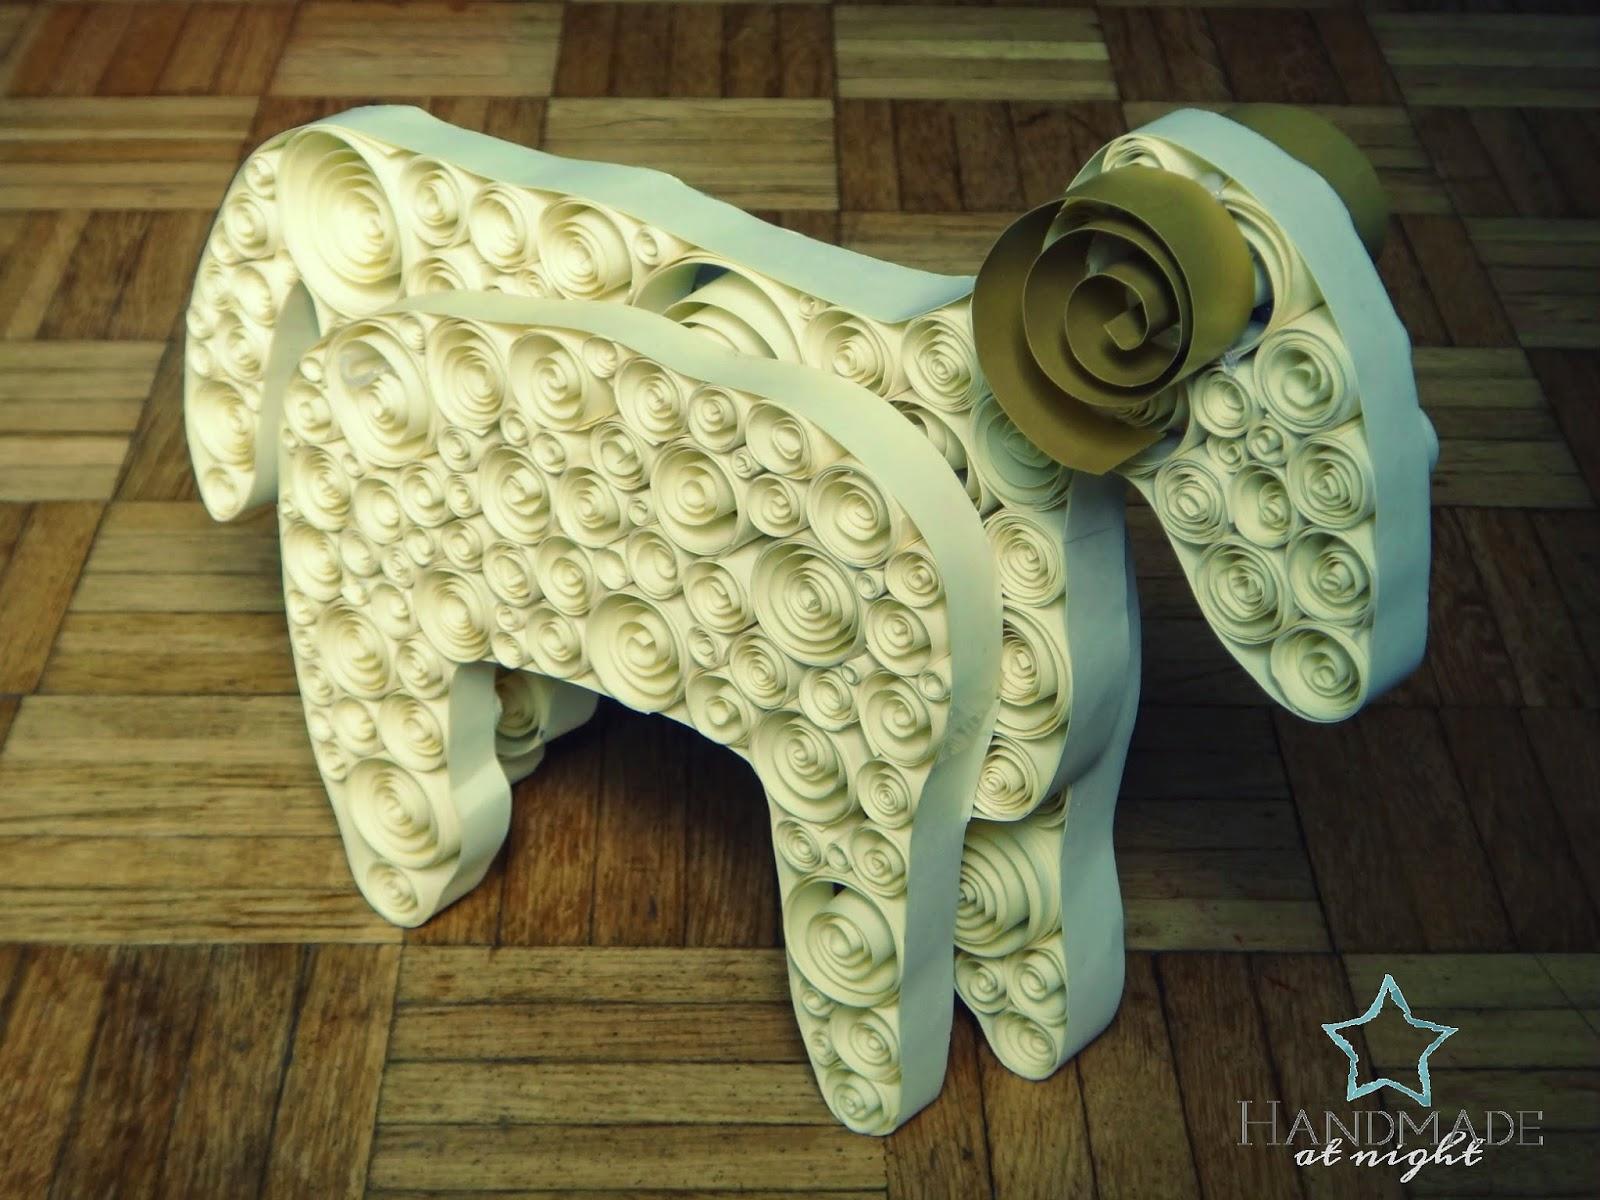 Baranek wielkanocny, jak zrobić baranka z papieru